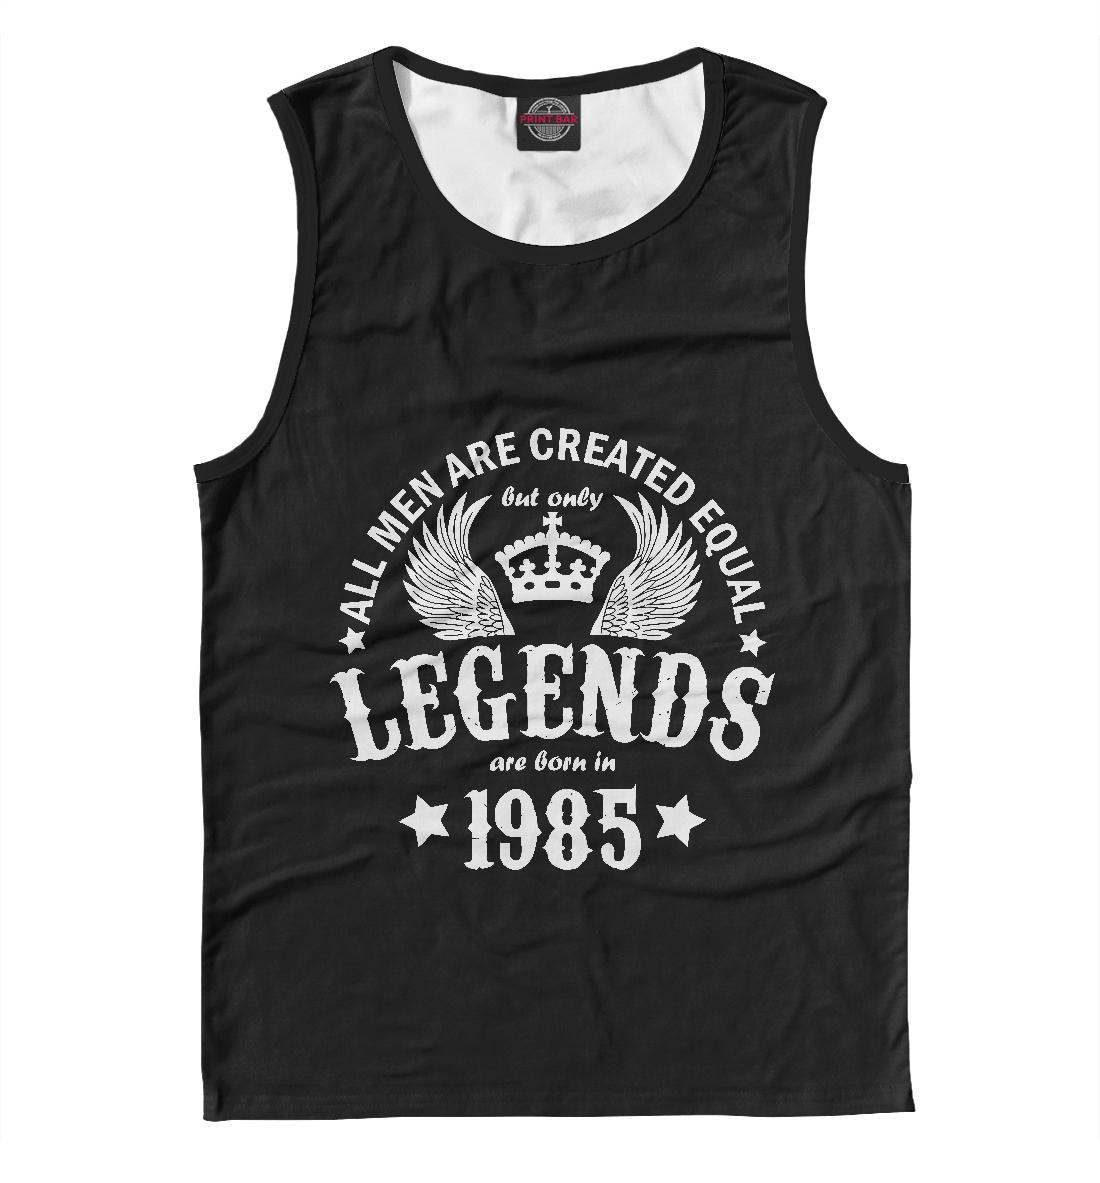 Купить 1985 - рождение легенды, Printbar, Майки, DVP-309336-may-2